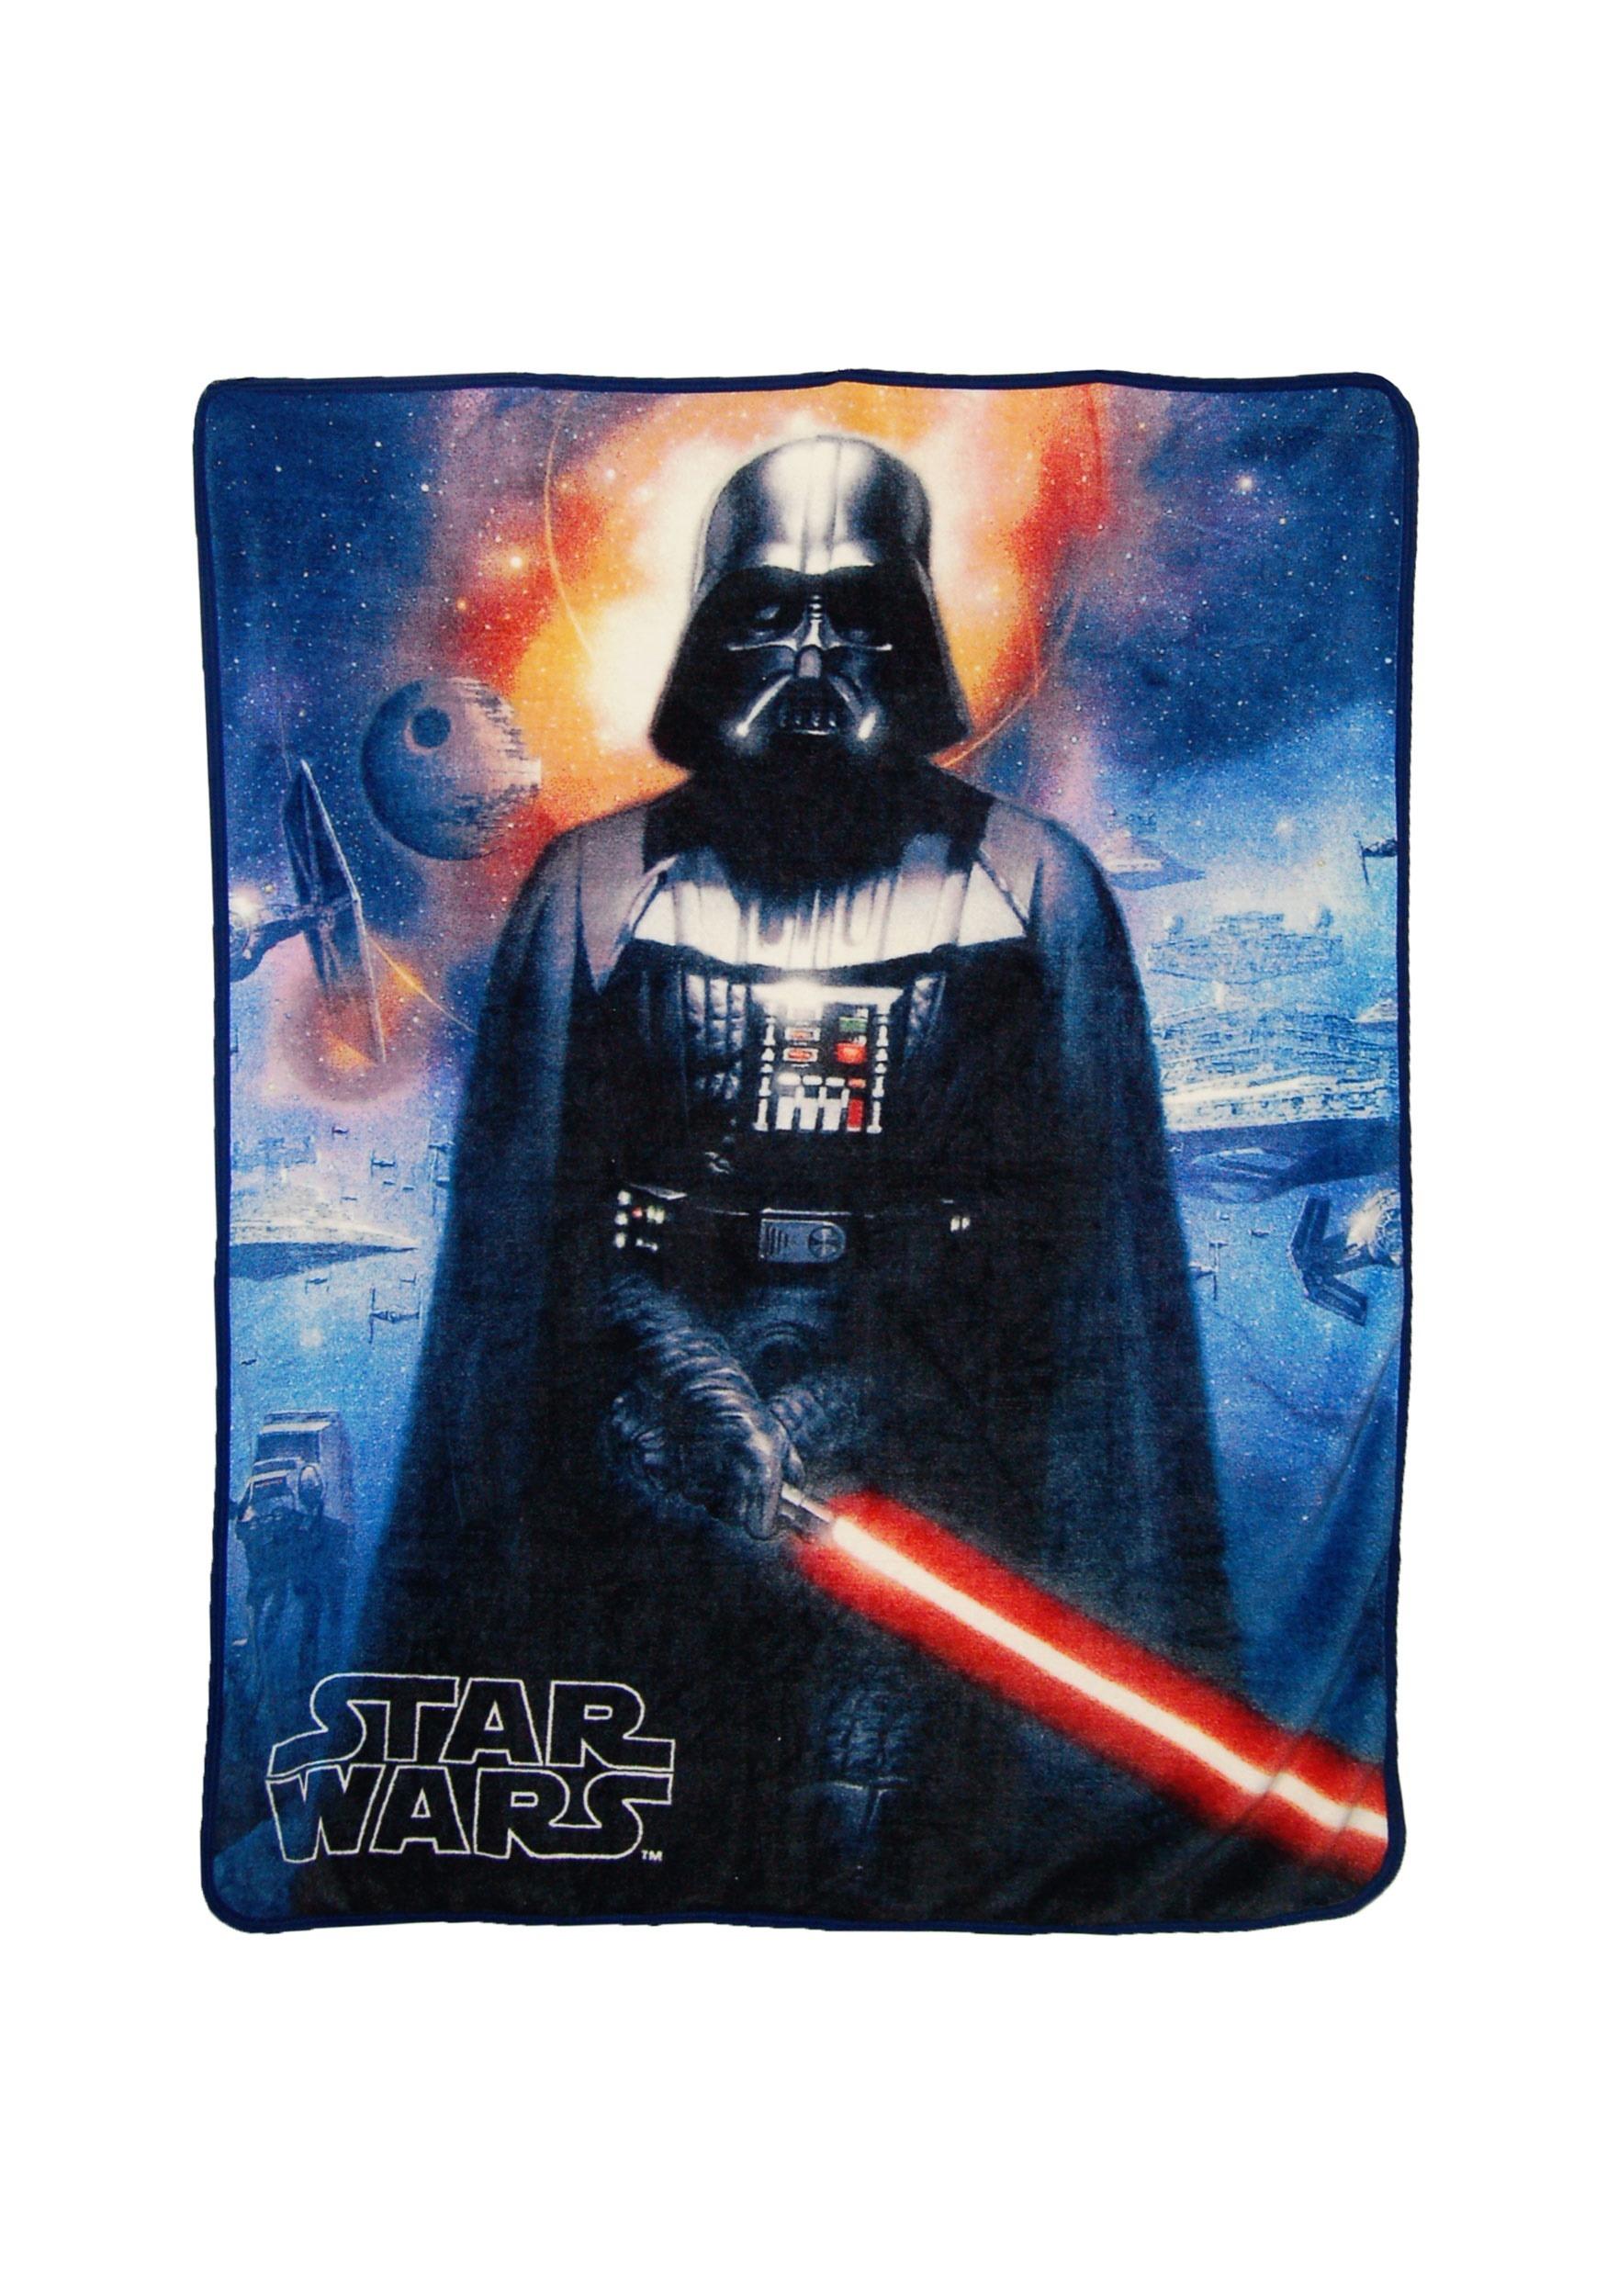 Star Wars Cosmic Darth Vader Super Soft Blanket